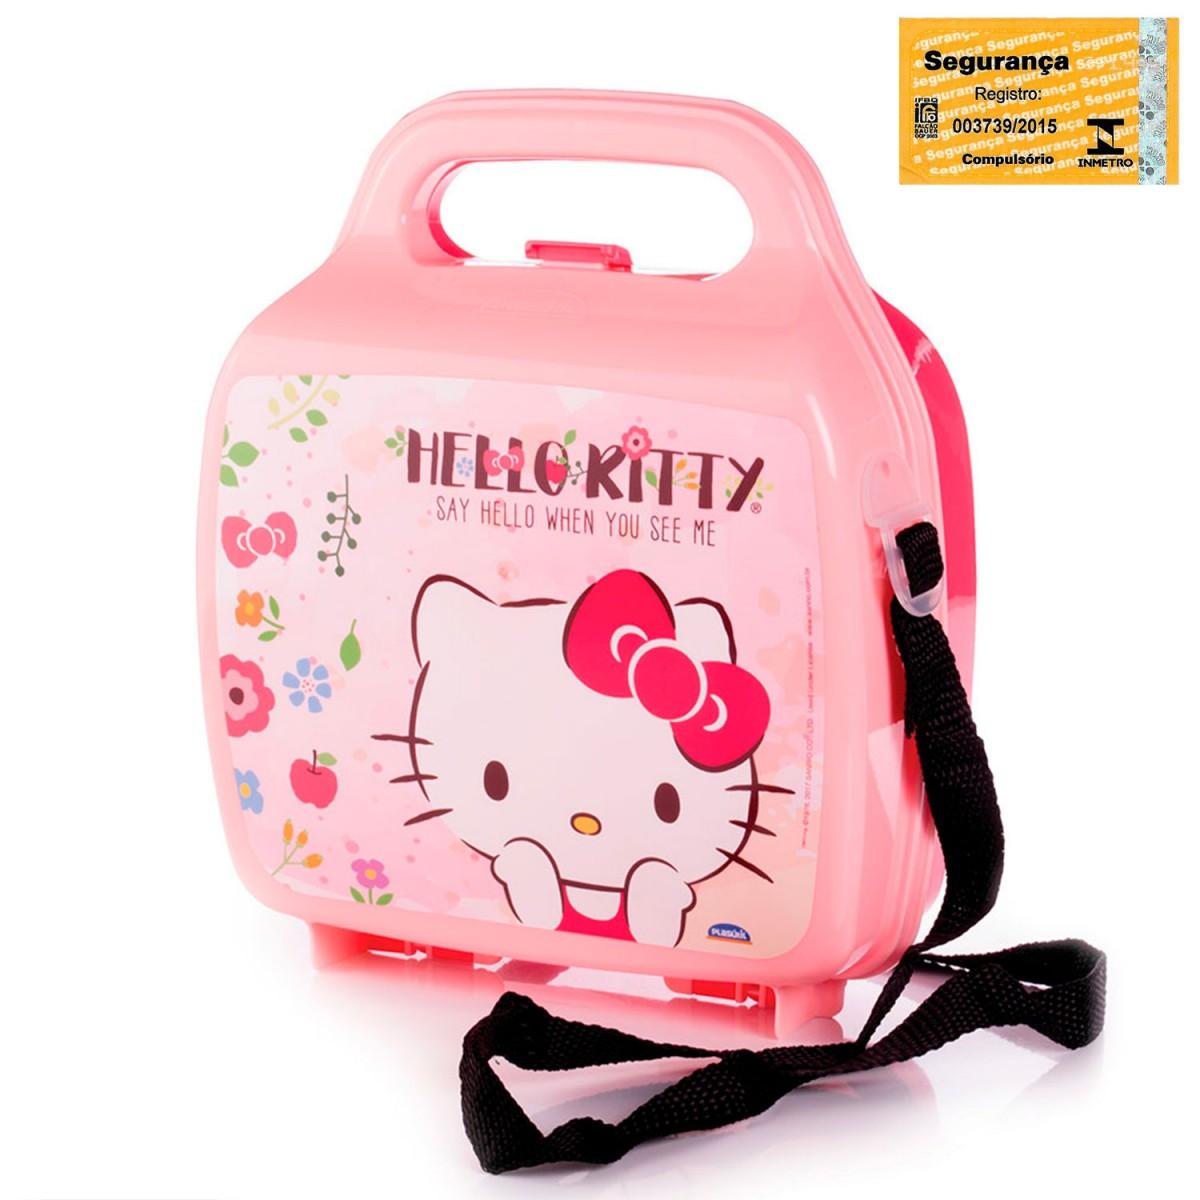 a6a375a7f Lancheira de Plástico com Trava e Alças Hello Kitty 008463-2858 - Rosa -  Loja Plasútil